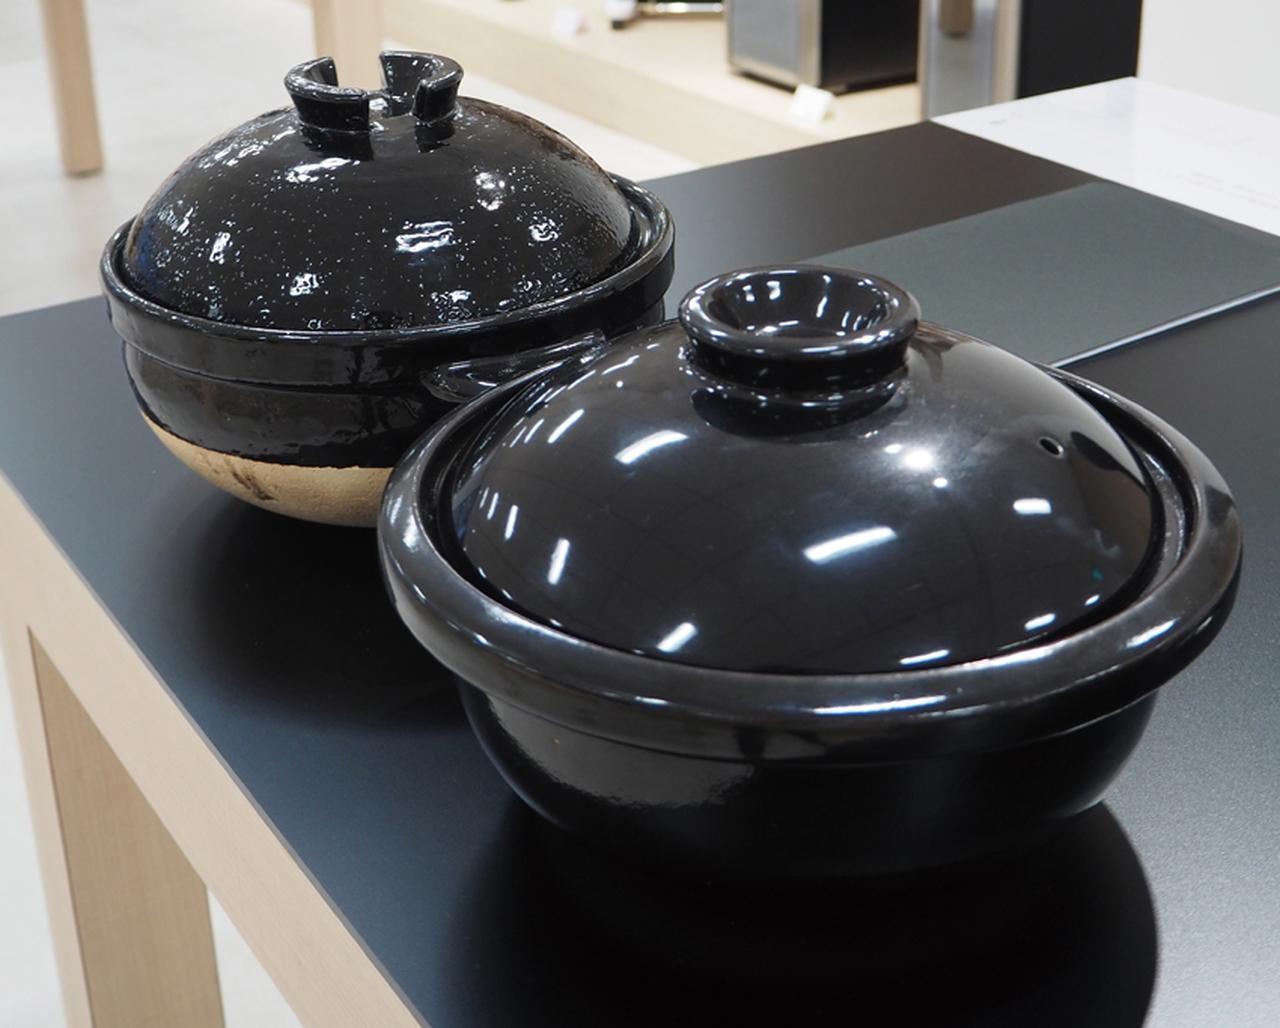 画像: 奥が元祖のかまどさん、手前がかまどさん電気の土鍋。元祖のほうがフタを含めてやや高さがあり、全体的に表面がザラザラしているが、電気の土鍋のほうは滑らかな作りだ。